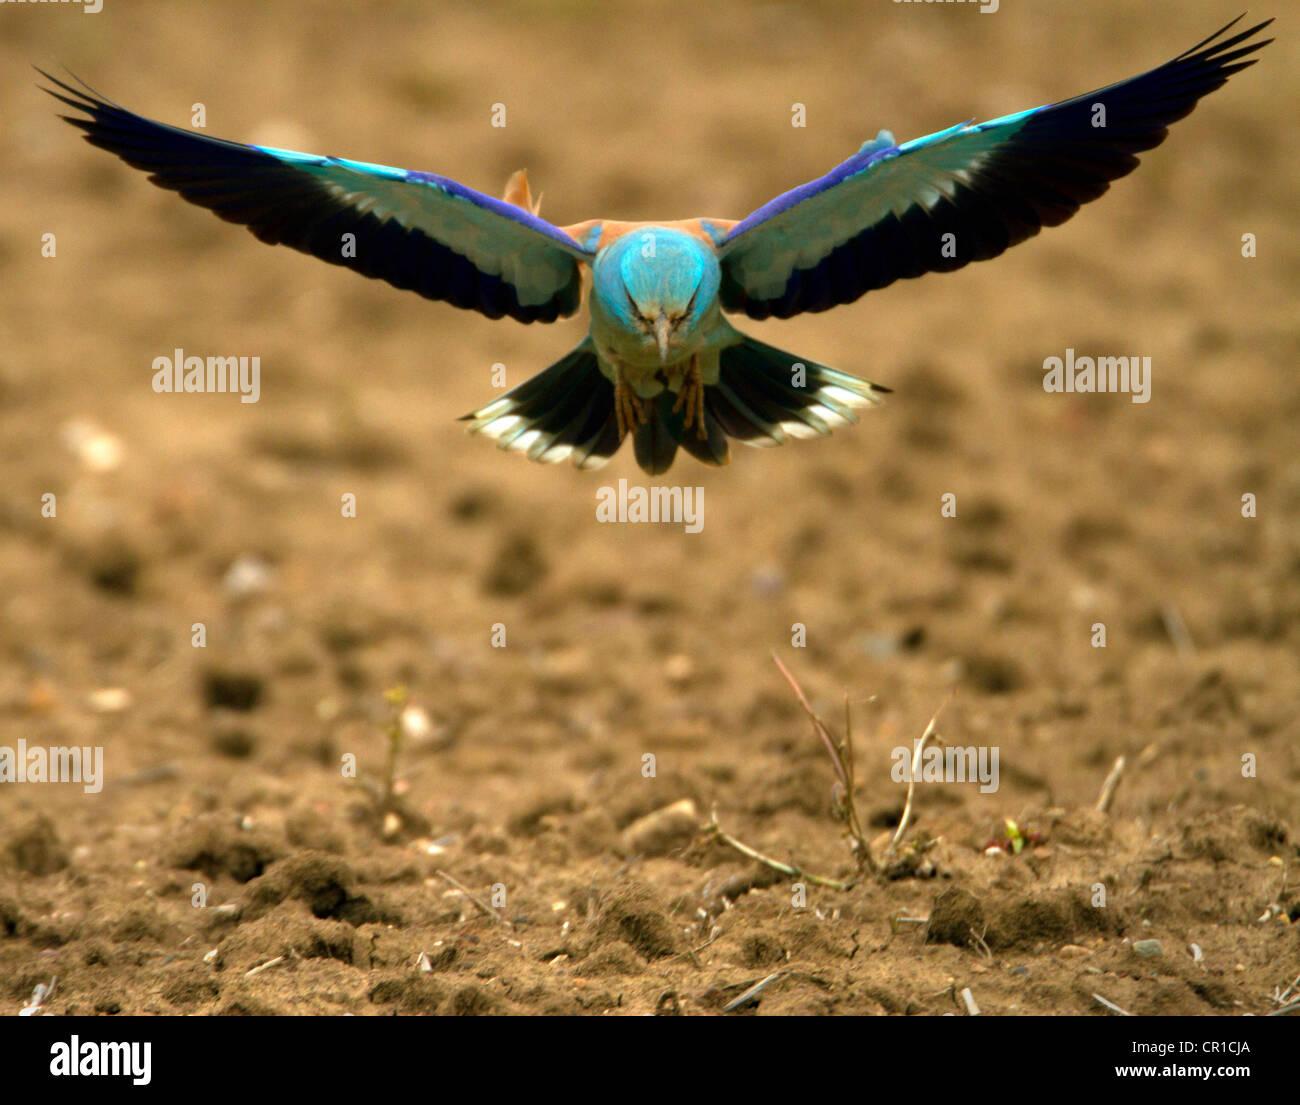 Rodillo ( Coracias garrulus) Muy raras aves migratorias. Fue el ÚNICO EN EL REINO UNIDO EN 2012 Imagen De Stock